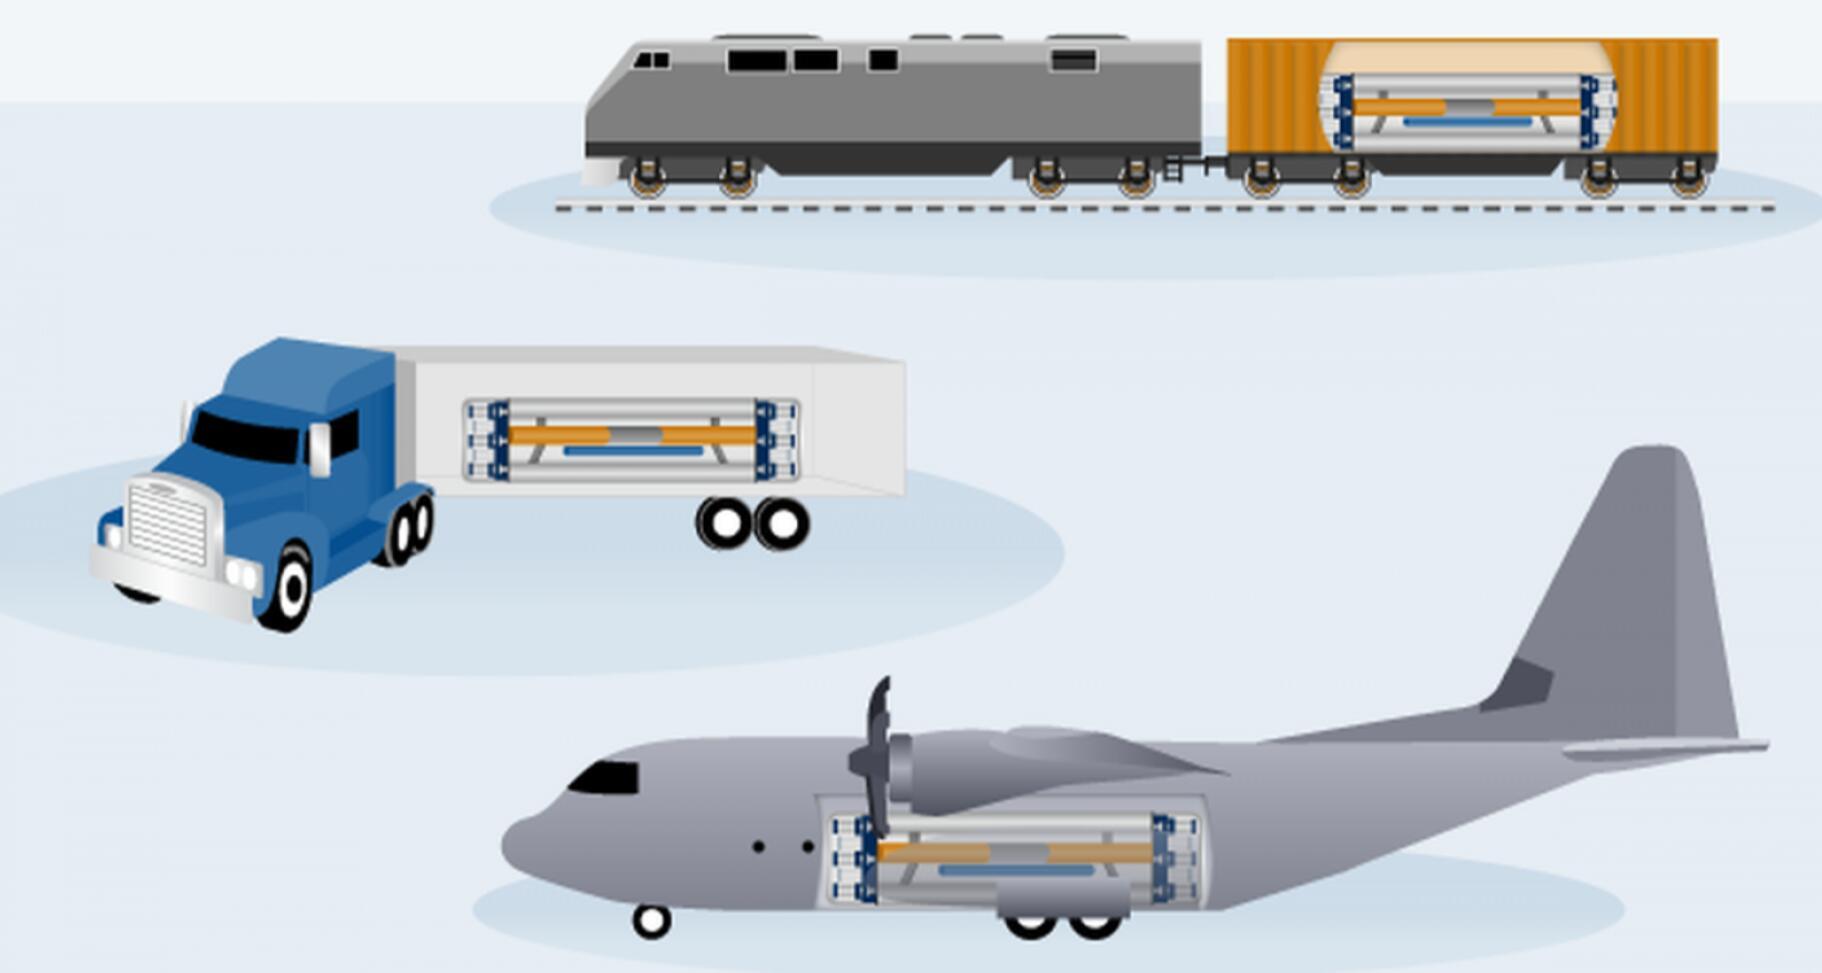 可机动部署小型核反应堆概念图